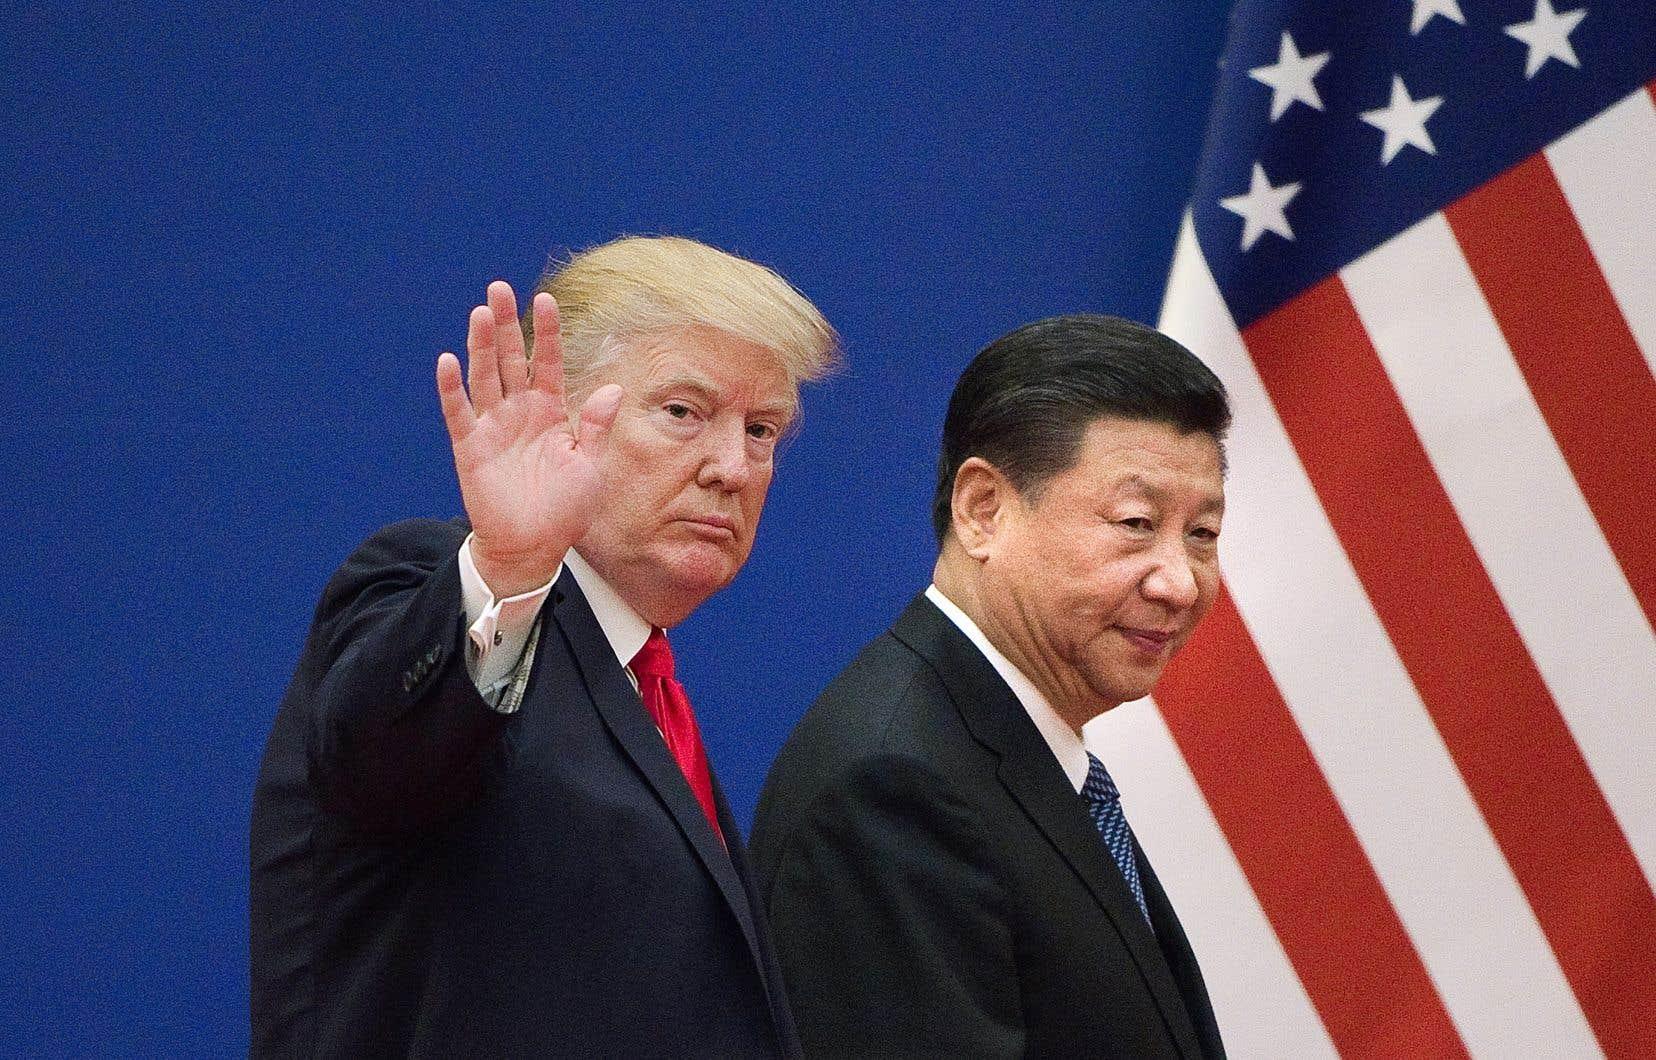 Les présidents Donald Trump et Xi Jinping devraient se rencontrer au sommet du G20 à Osaka, au Japon, les 28 et 29 juin prochains.